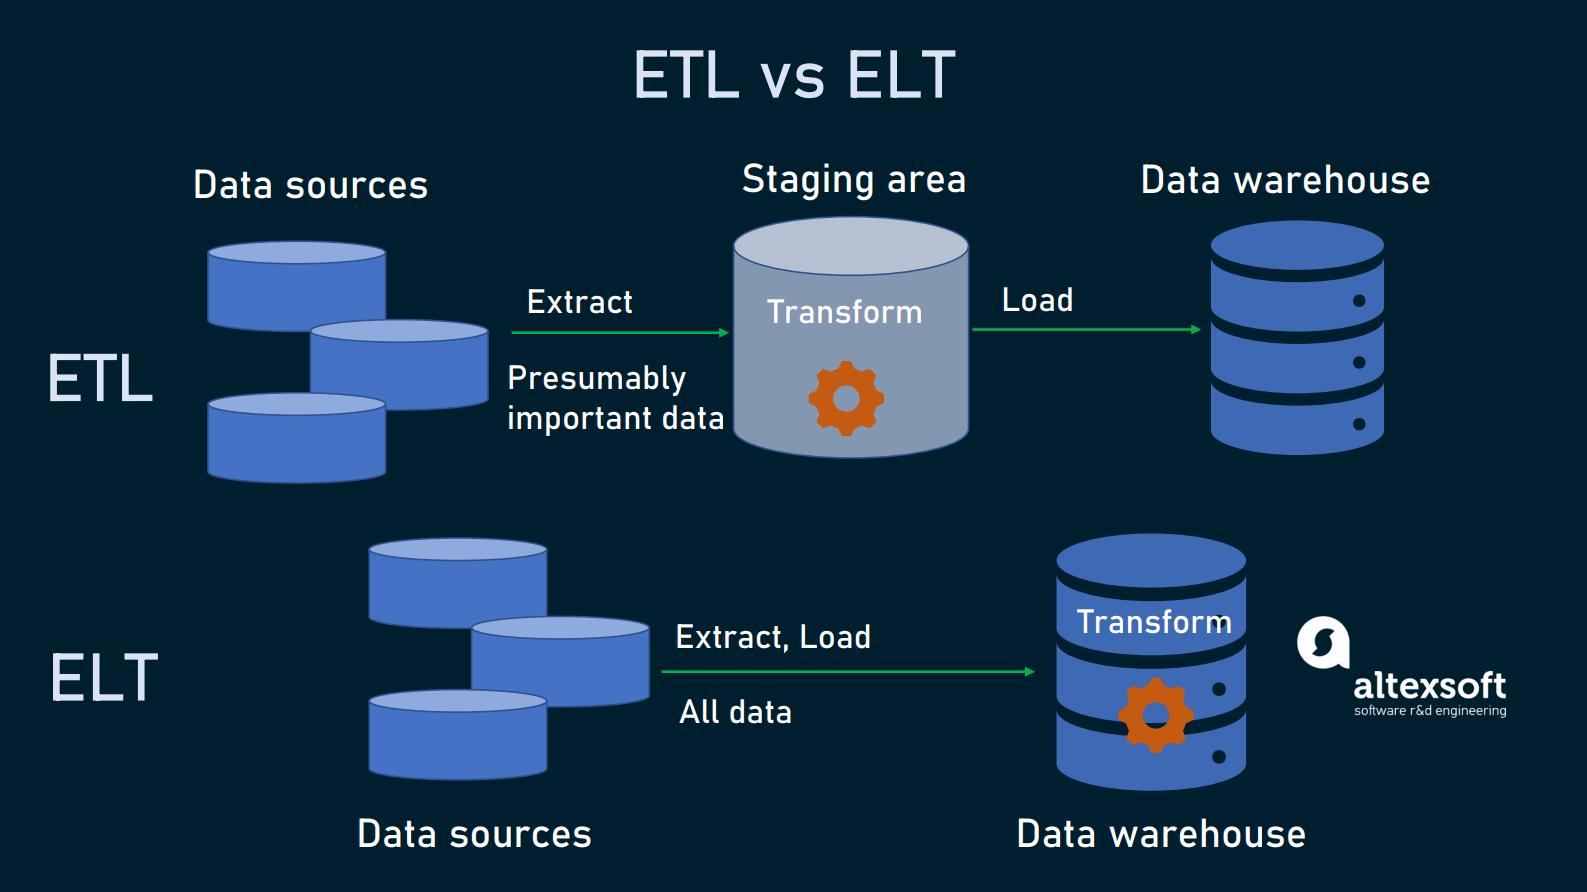 ETL and ELT